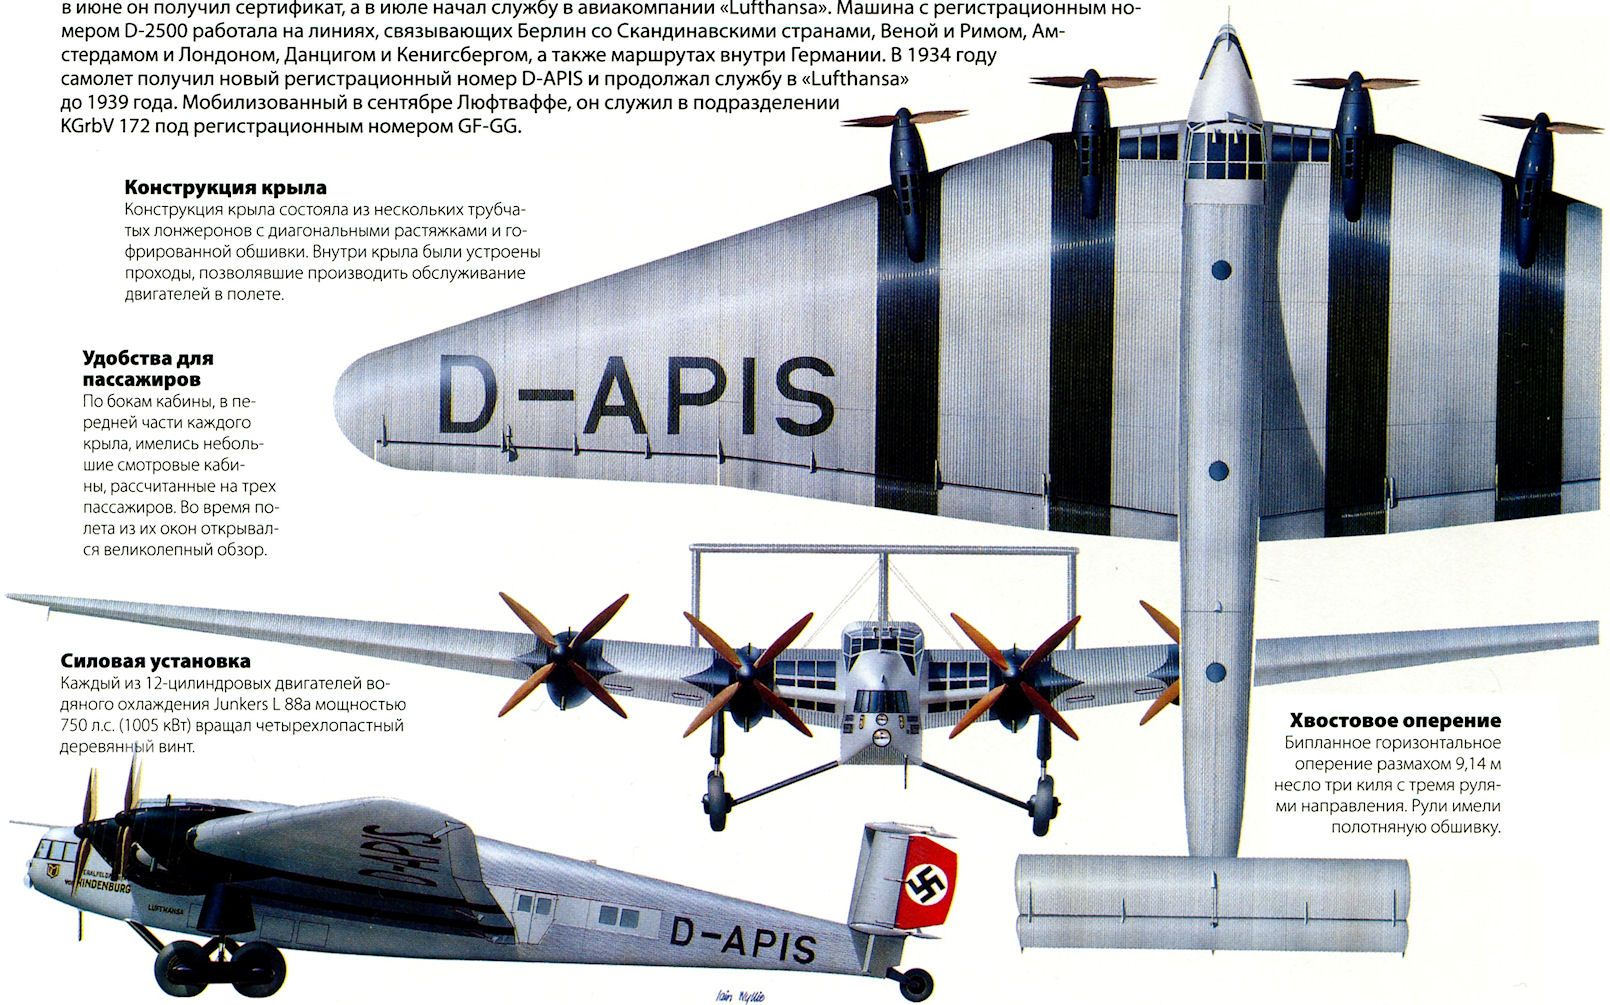 germany nazi junkers g 38 airplane illustration pinterest. Black Bedroom Furniture Sets. Home Design Ideas